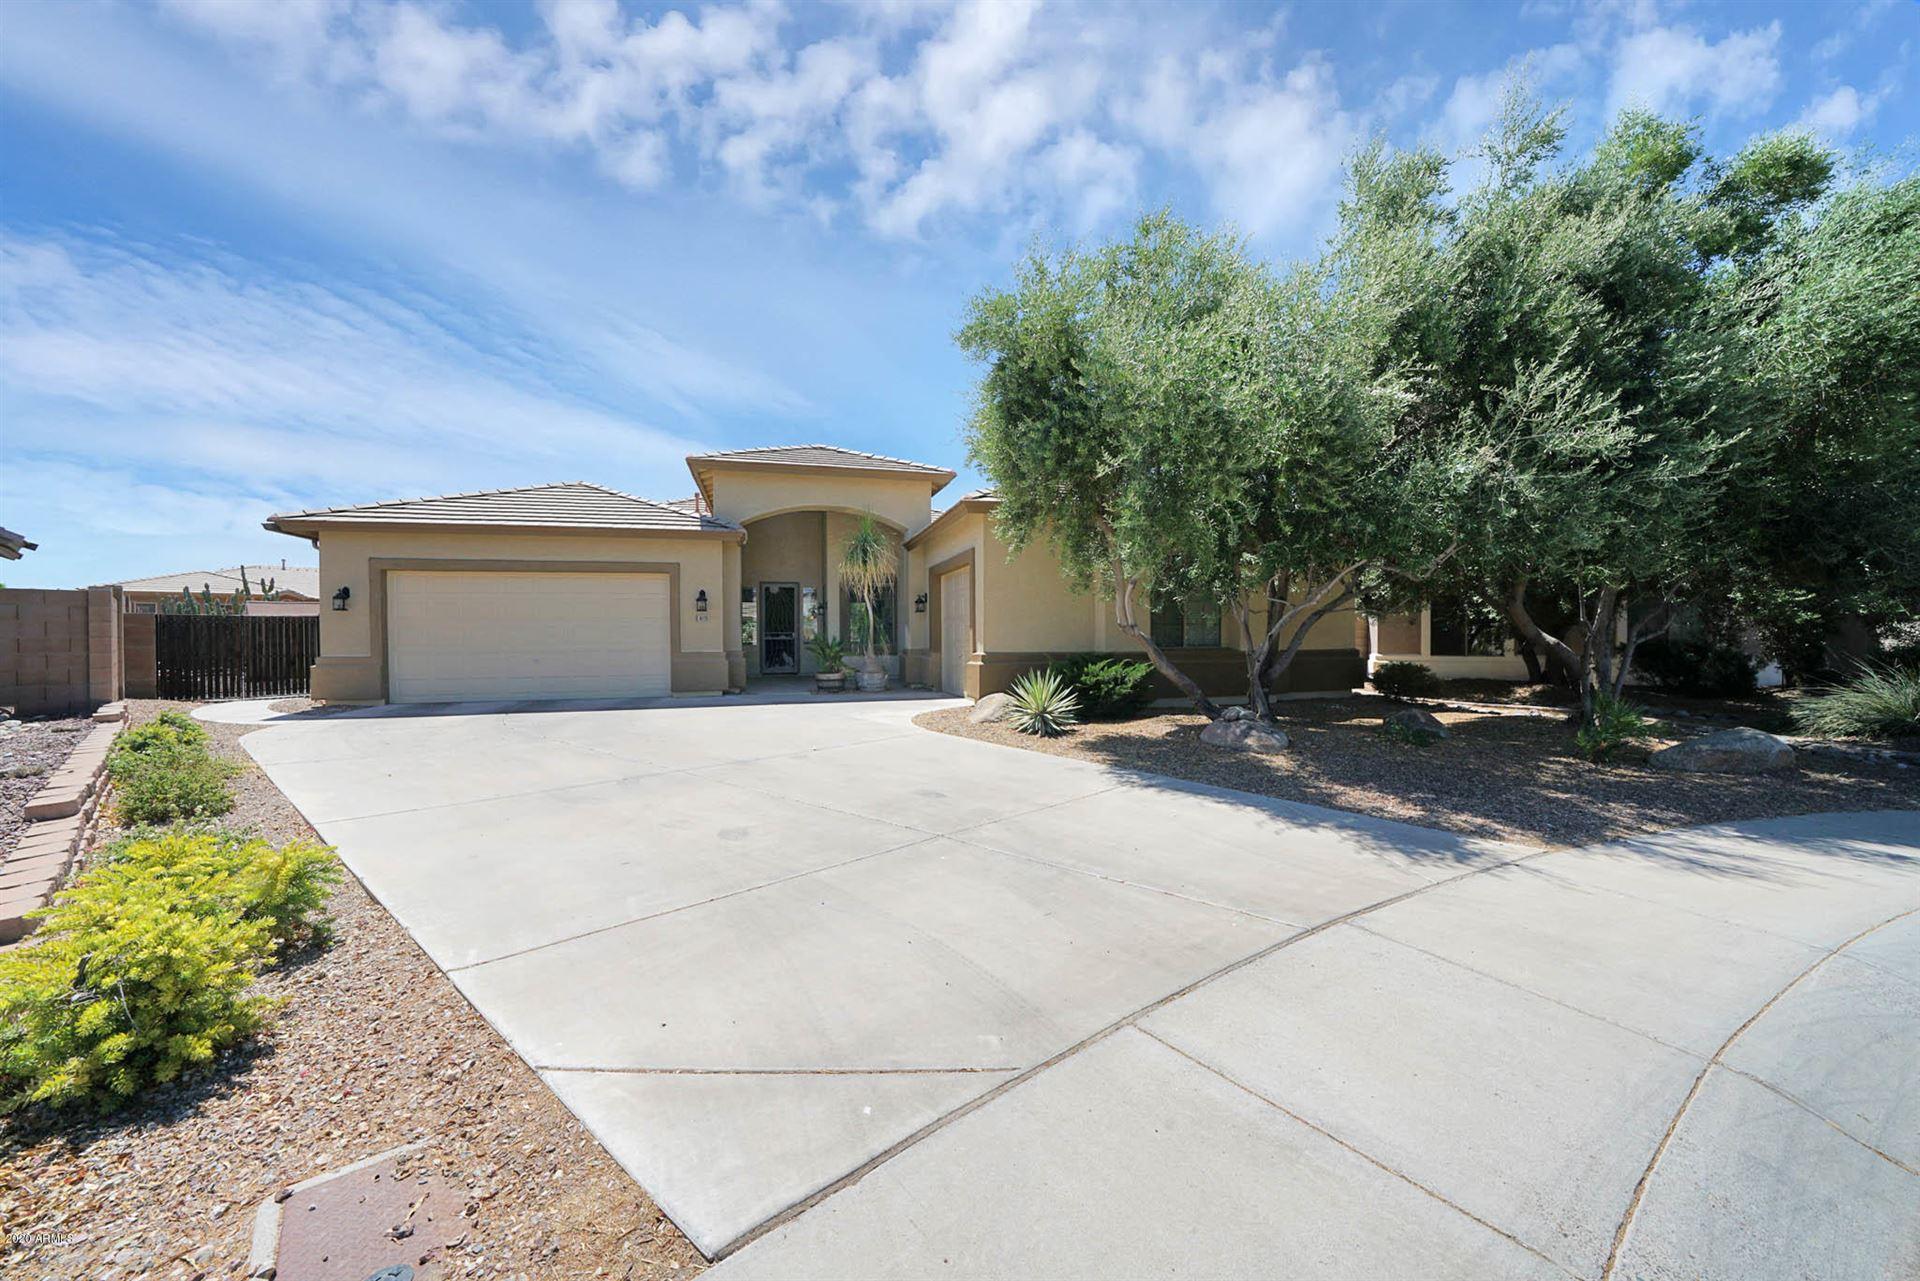 6123 N 132ND Drive, Litchfield Park, AZ 85340 - #: 6096880